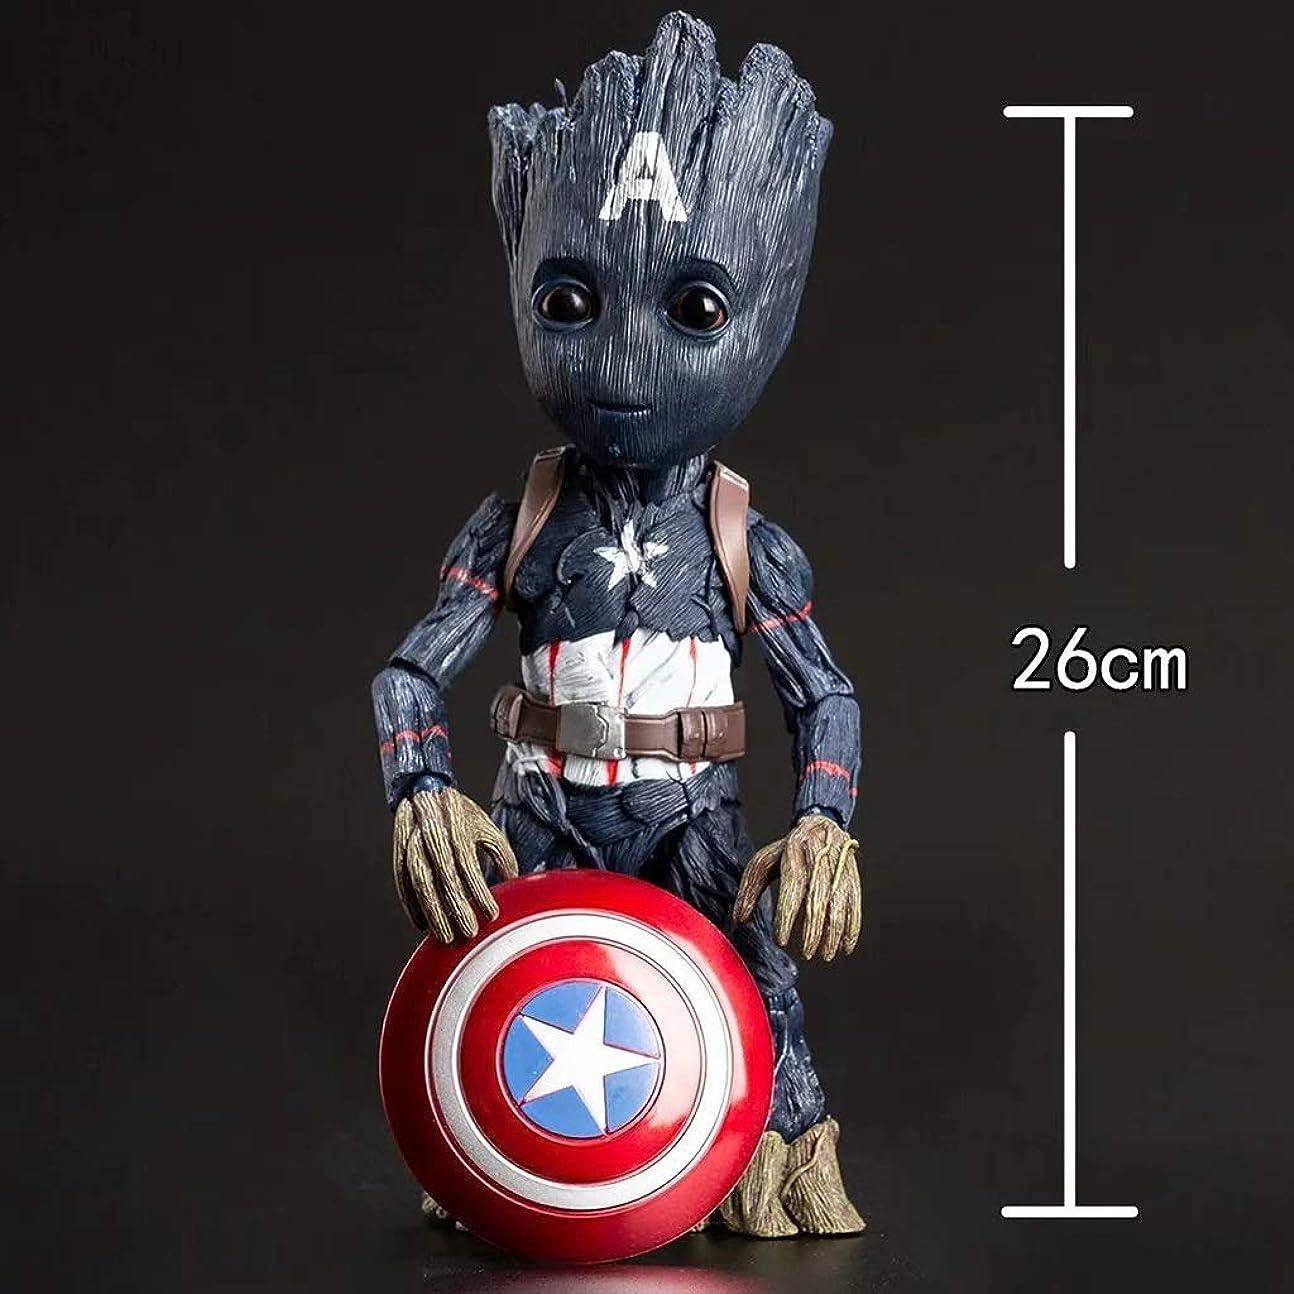 神社灌漑レタッチ映画モデル、PVC子供のおもちゃコレクションの彫像、デスクトップの装飾的なおもちゃの彫像のおもちゃのモデルのキャラクターの彫刻、シールドグラウト(26cm) JSFQ